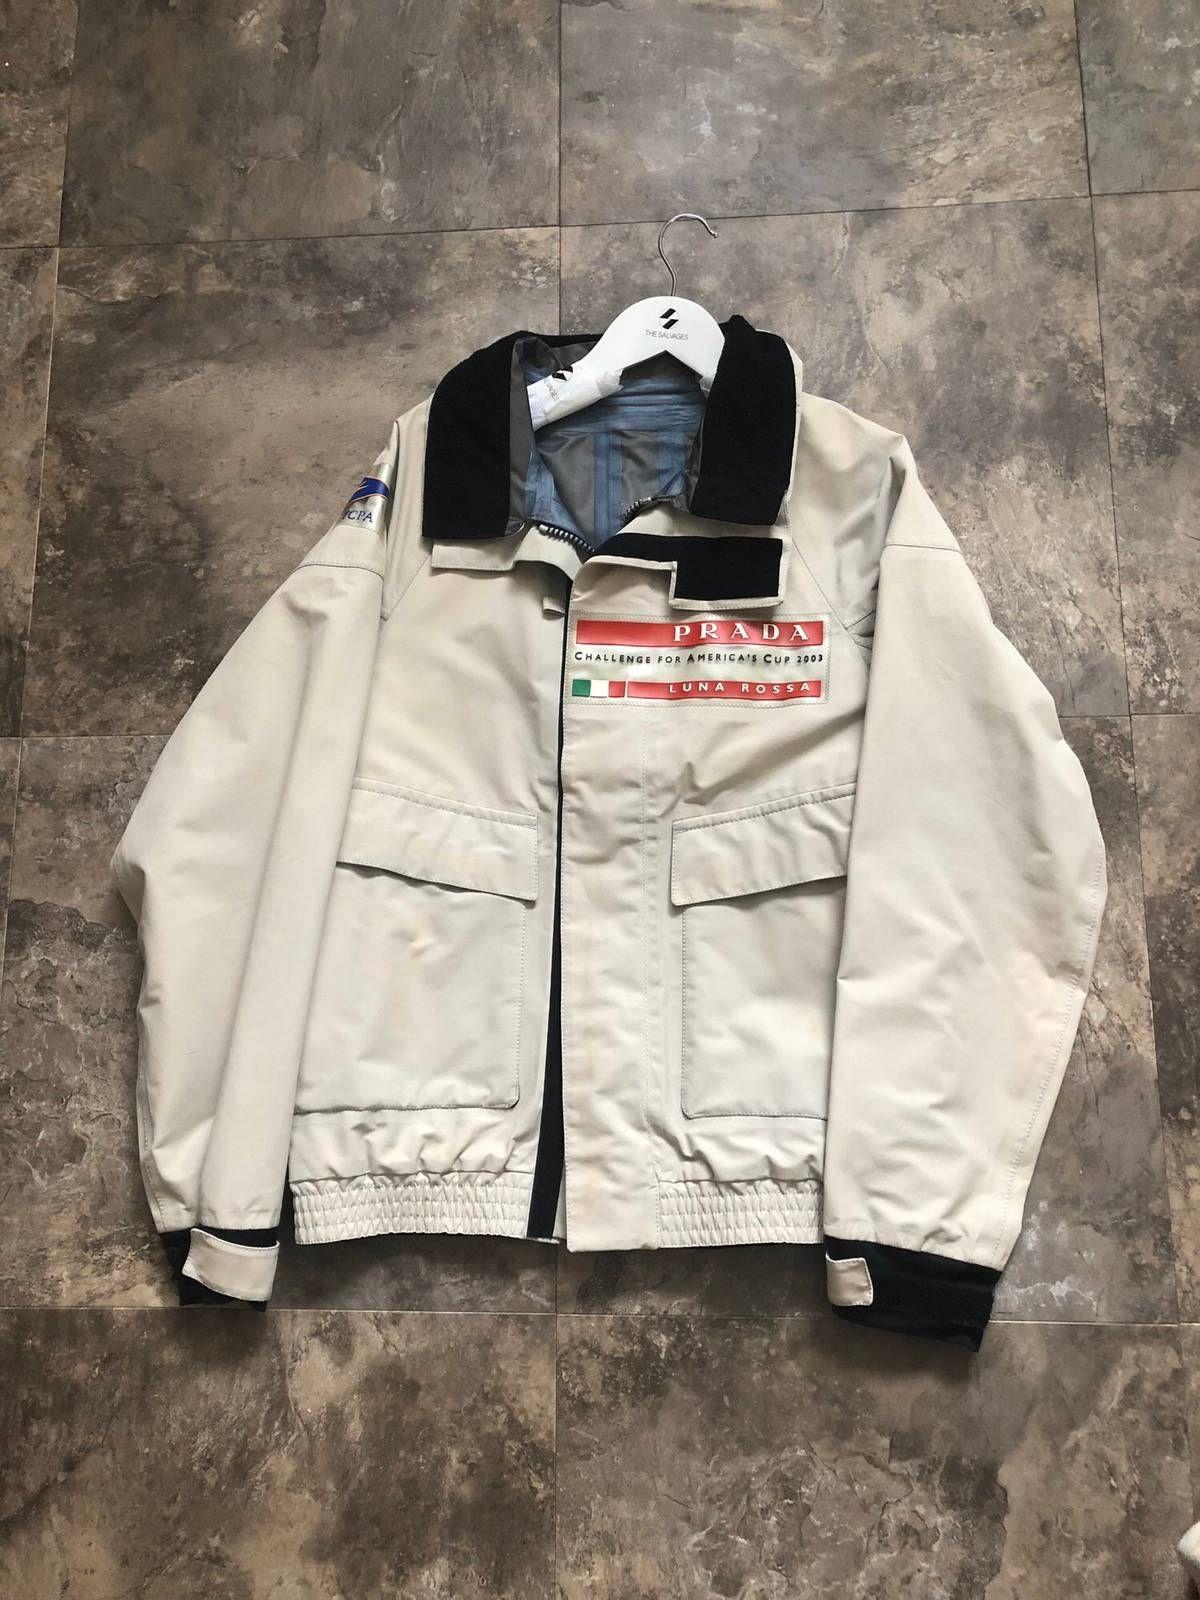 Prada Prada Luna Rossa Jacket Jackets Prada Edgy Fashion [ 1600 x 1200 Pixel ]